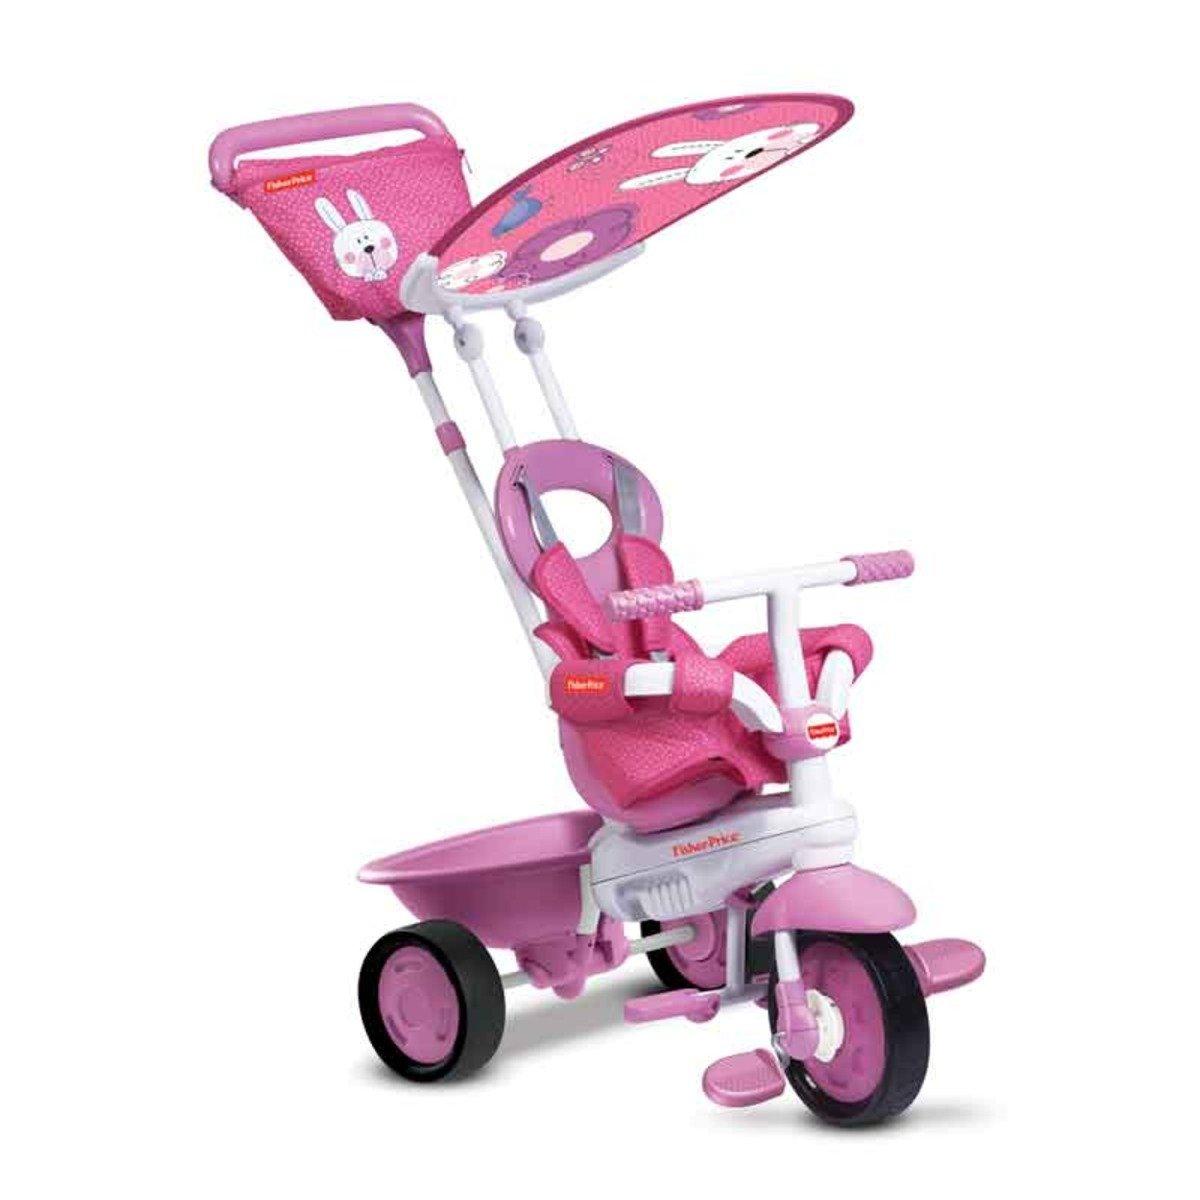 費雪牌 Elite嬰幼3合1三輪車 - 粉紅色